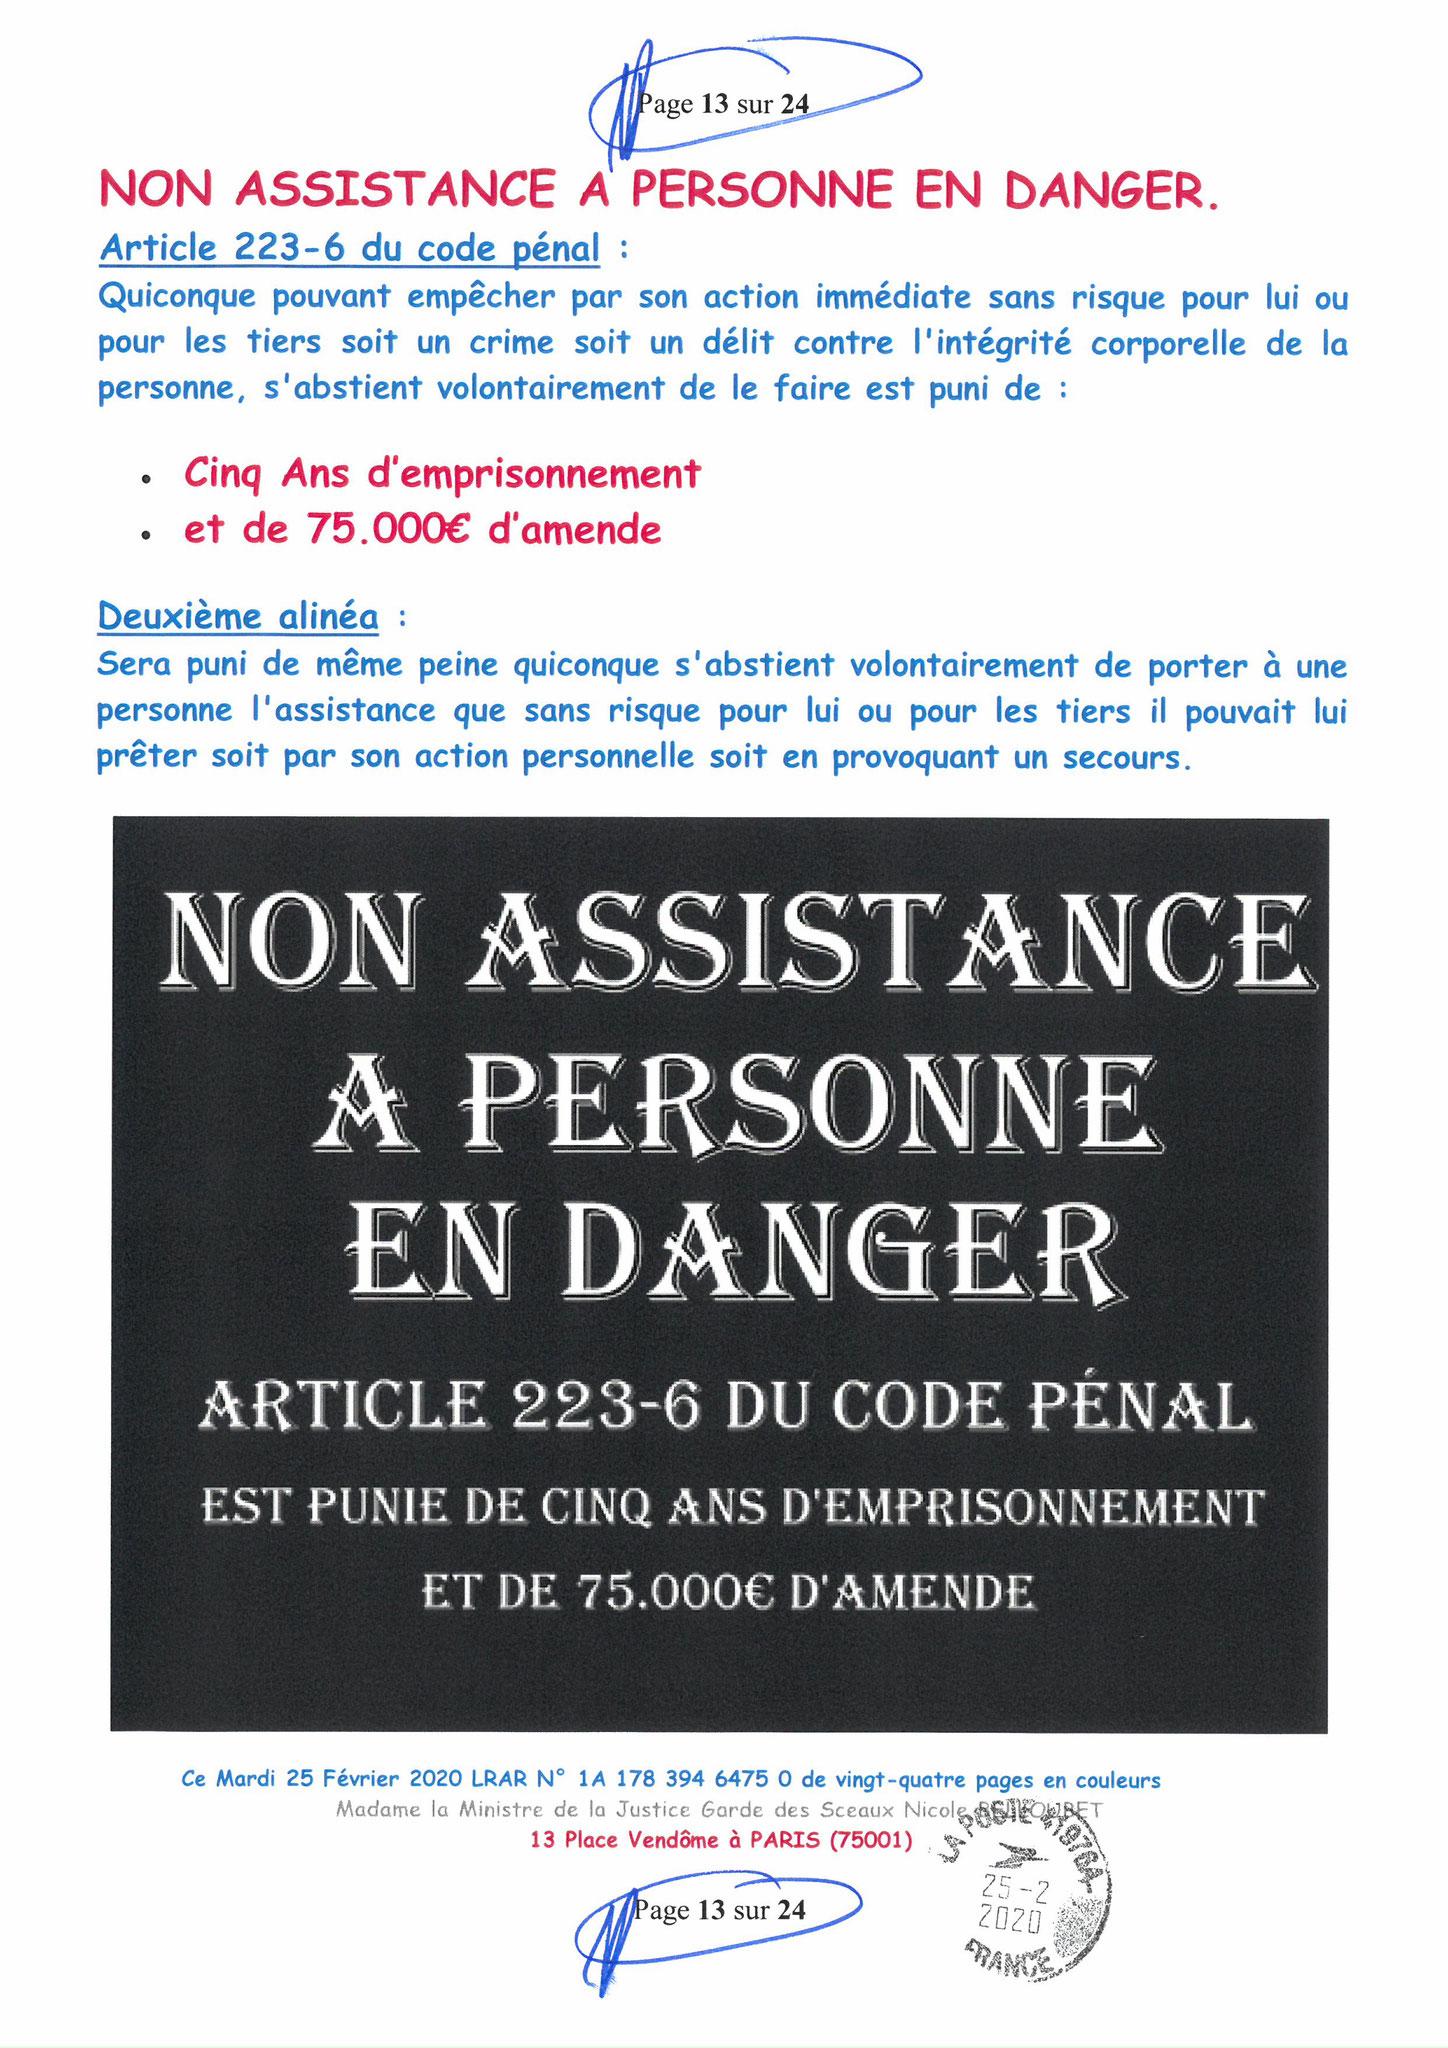 Ma LRAR à Madame Nicole BELLOUBET la Ministre de la Justice N0 1A 178 394 6475 0 Page 13 sur 24 en couleur  www.jesuispatrick.com www.jesuisvictime.fr www.alerte-rouge-france.fr